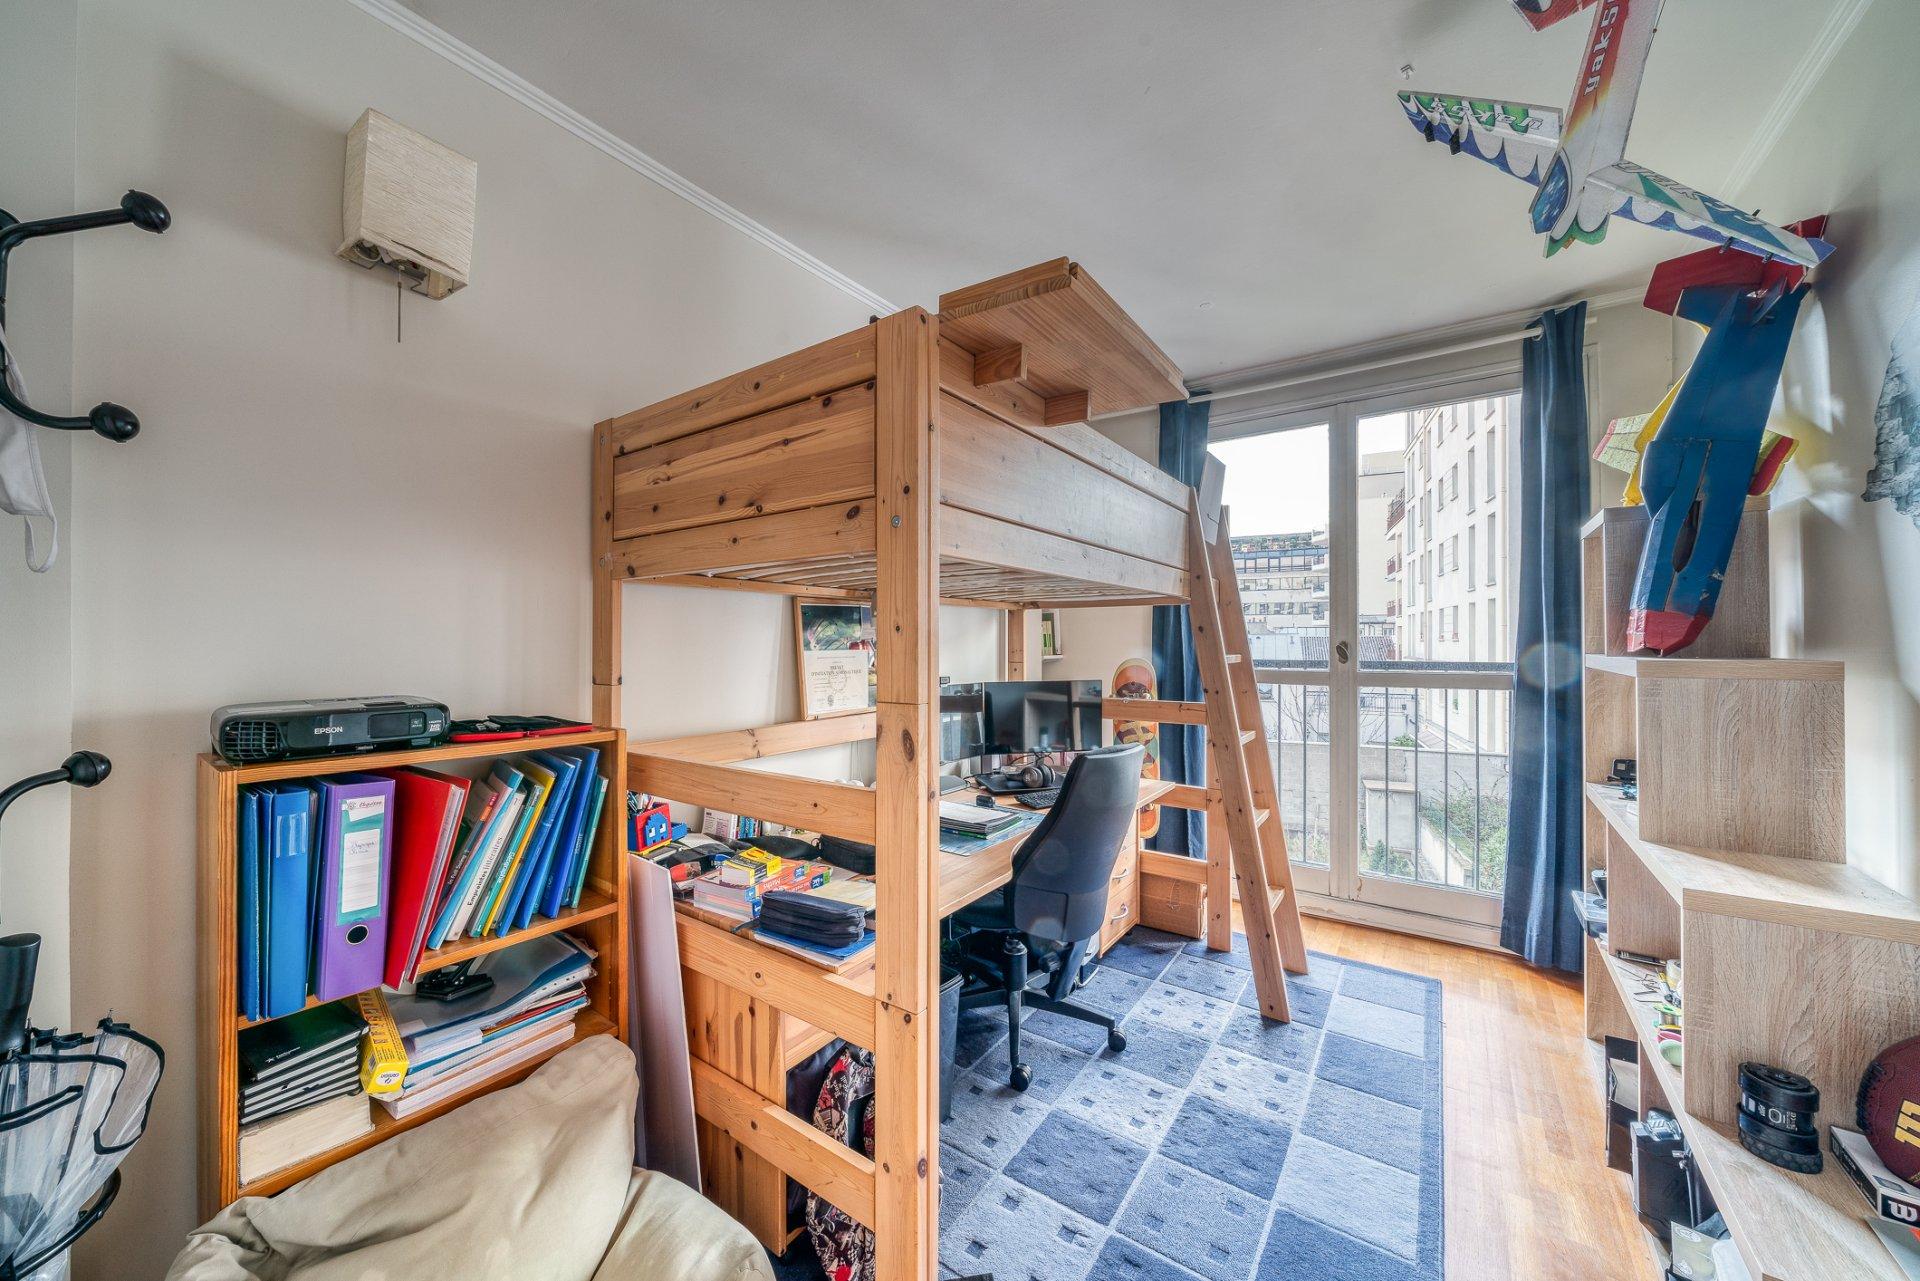 A vende appartement de 4 pièces - Parc de la planchette